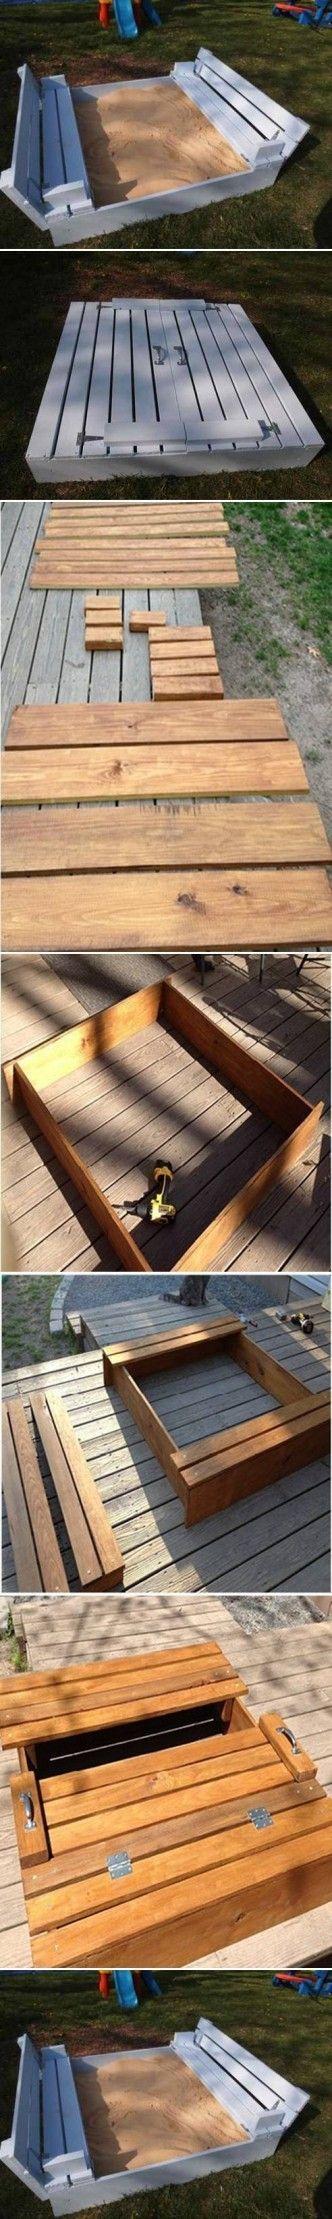 DIY Sandbox DIY Projects